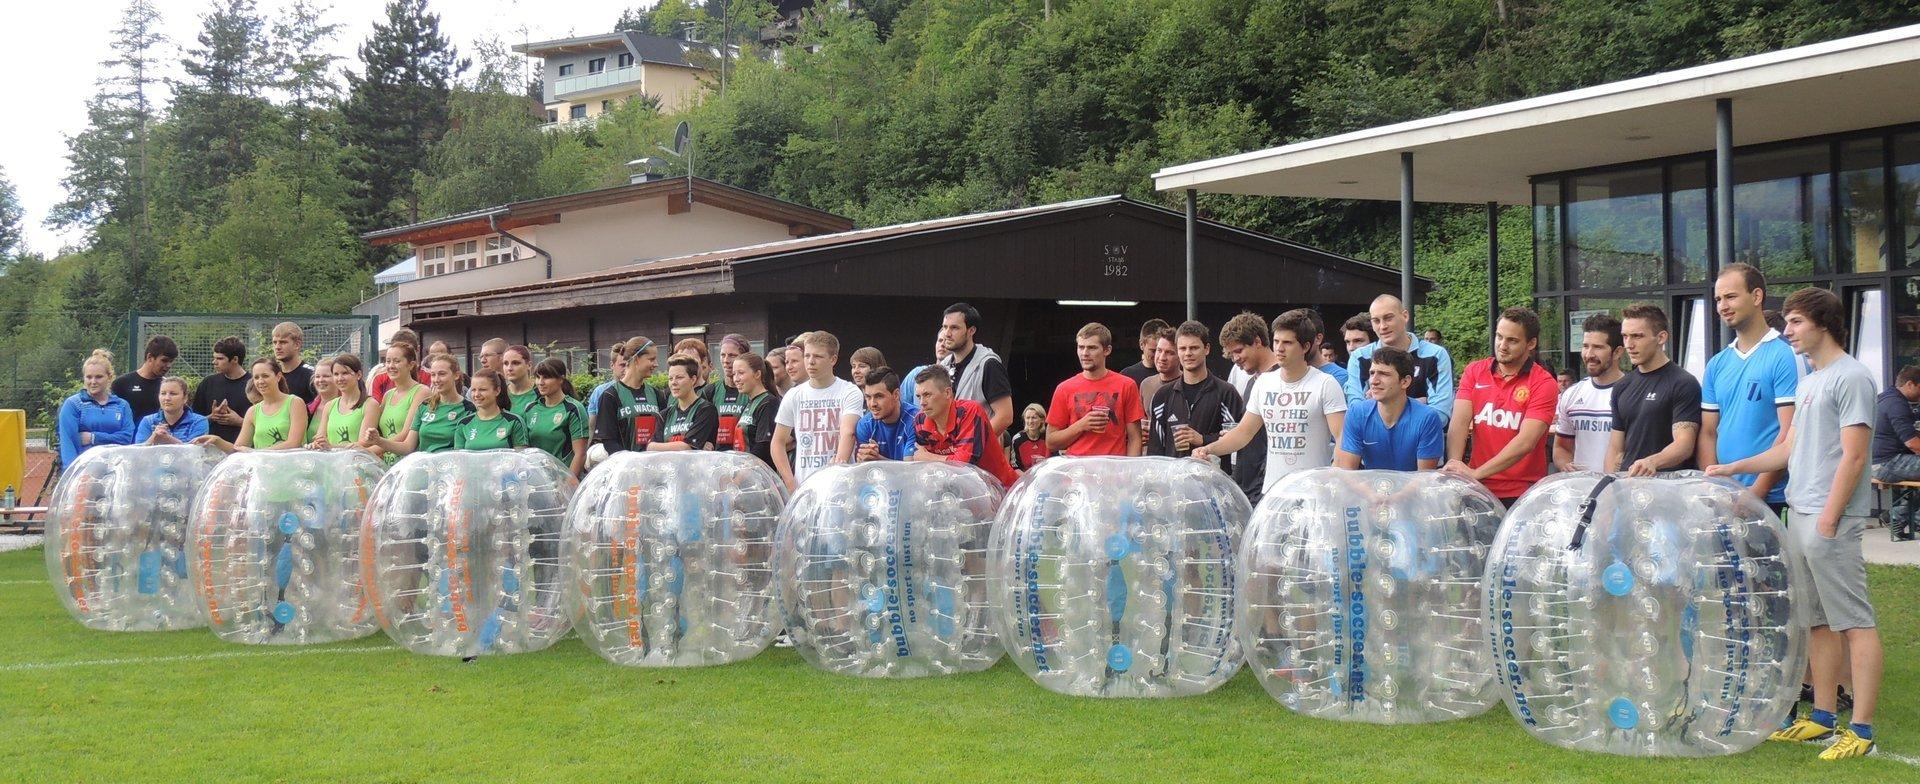 Starte dein Bubble Soccer Event